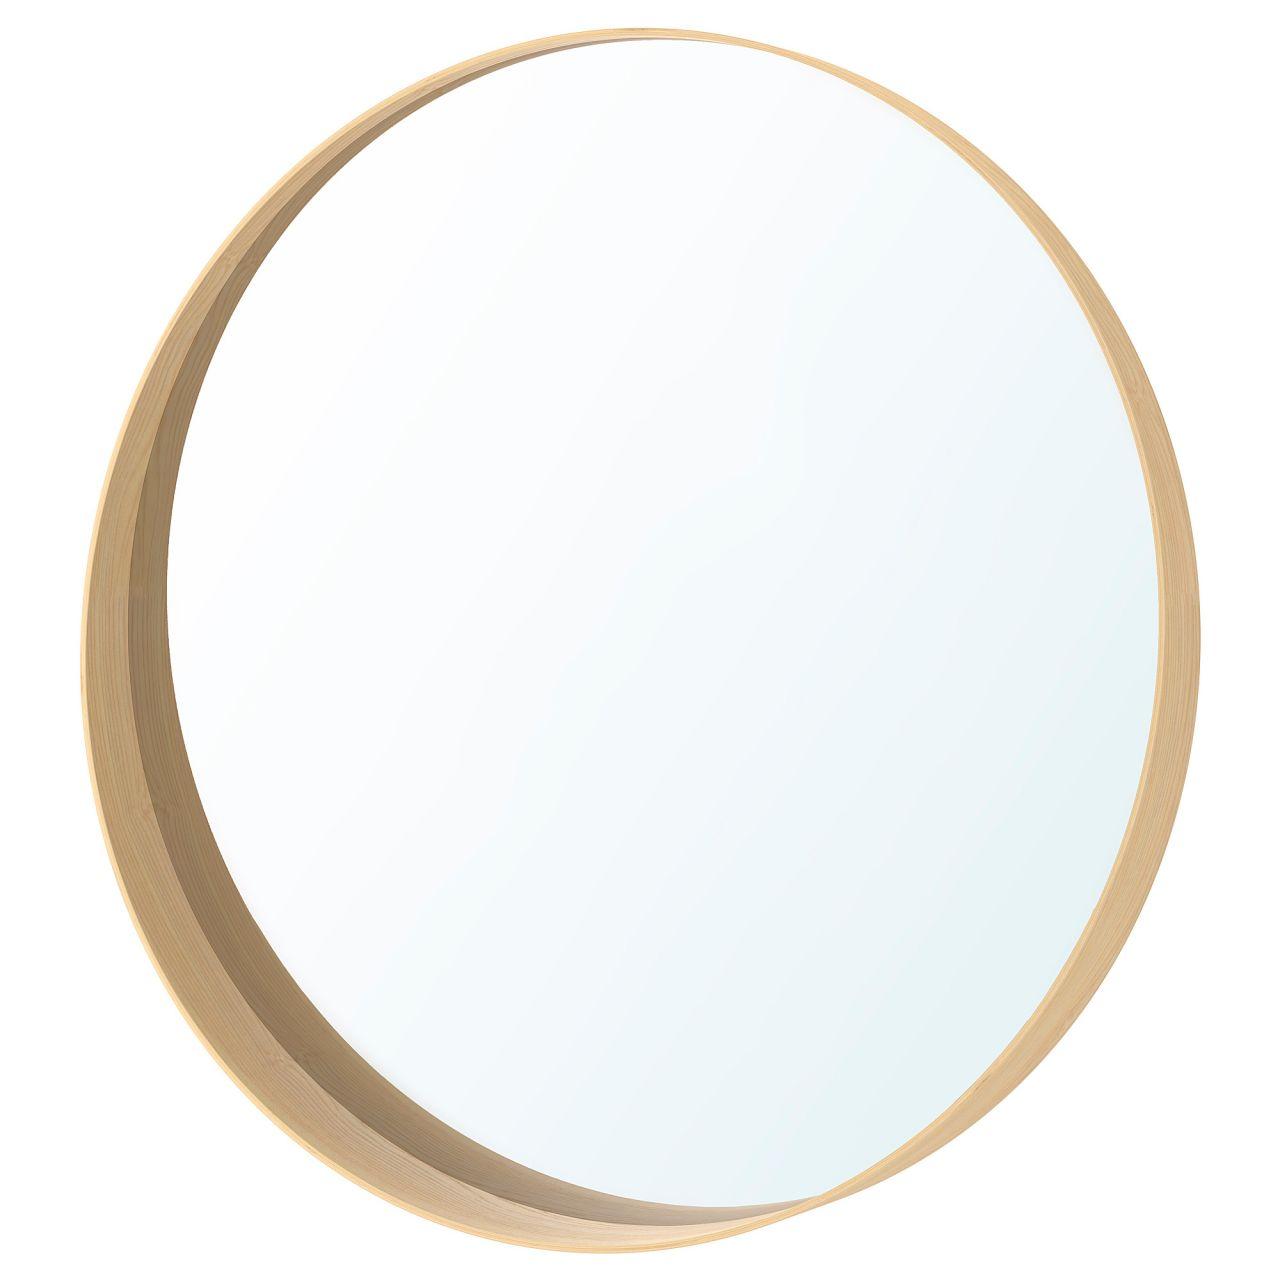 Miroir ikea de notre salle d'eau